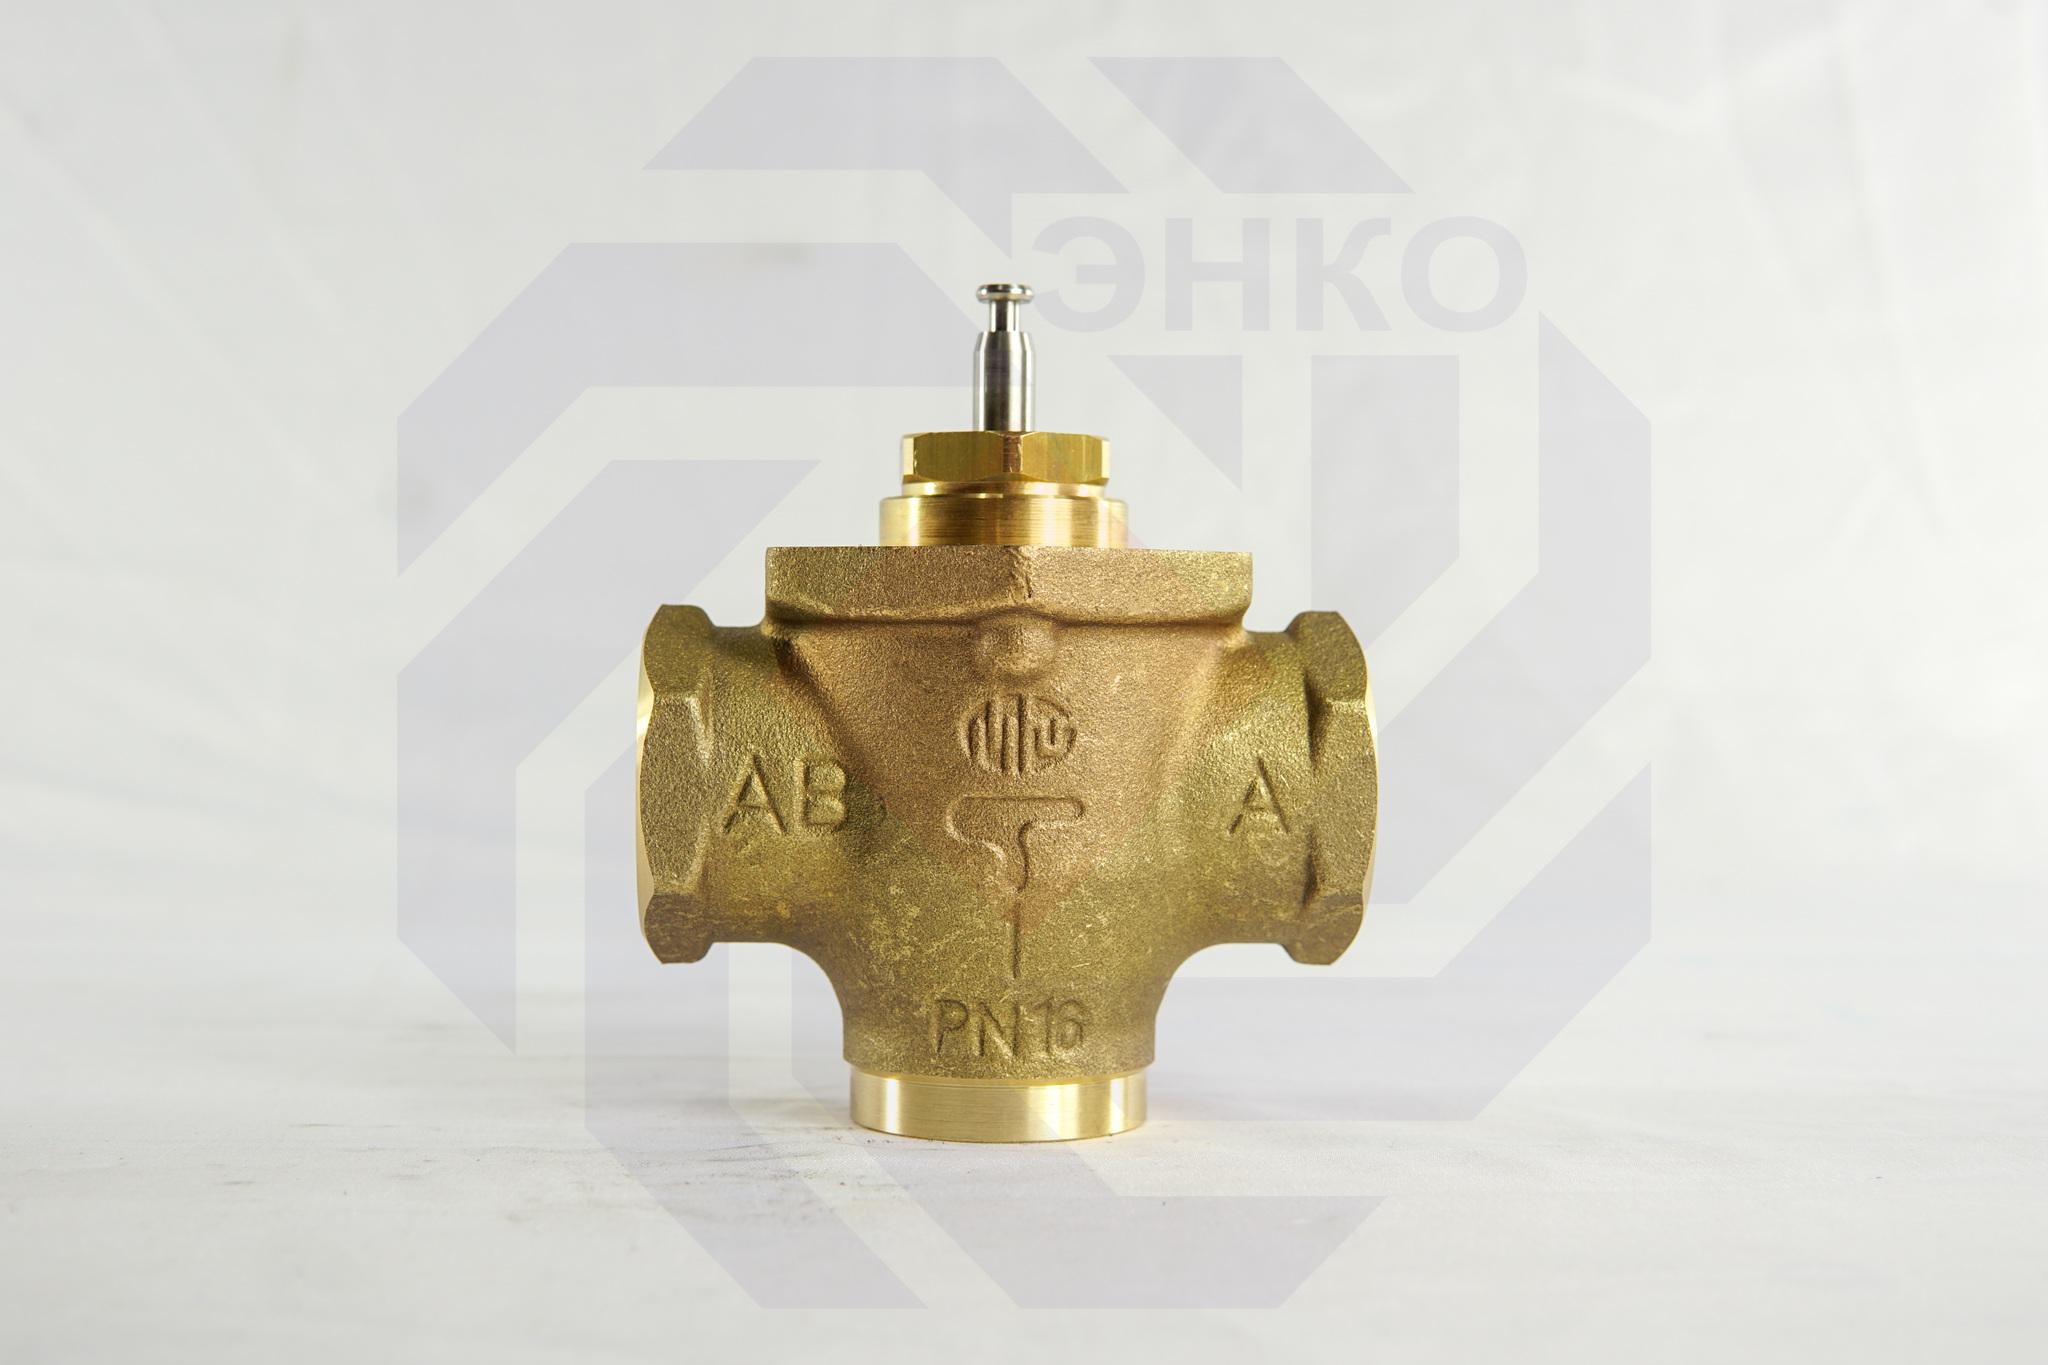 Клапан регулирующий двухходовой MUT MK DN 25